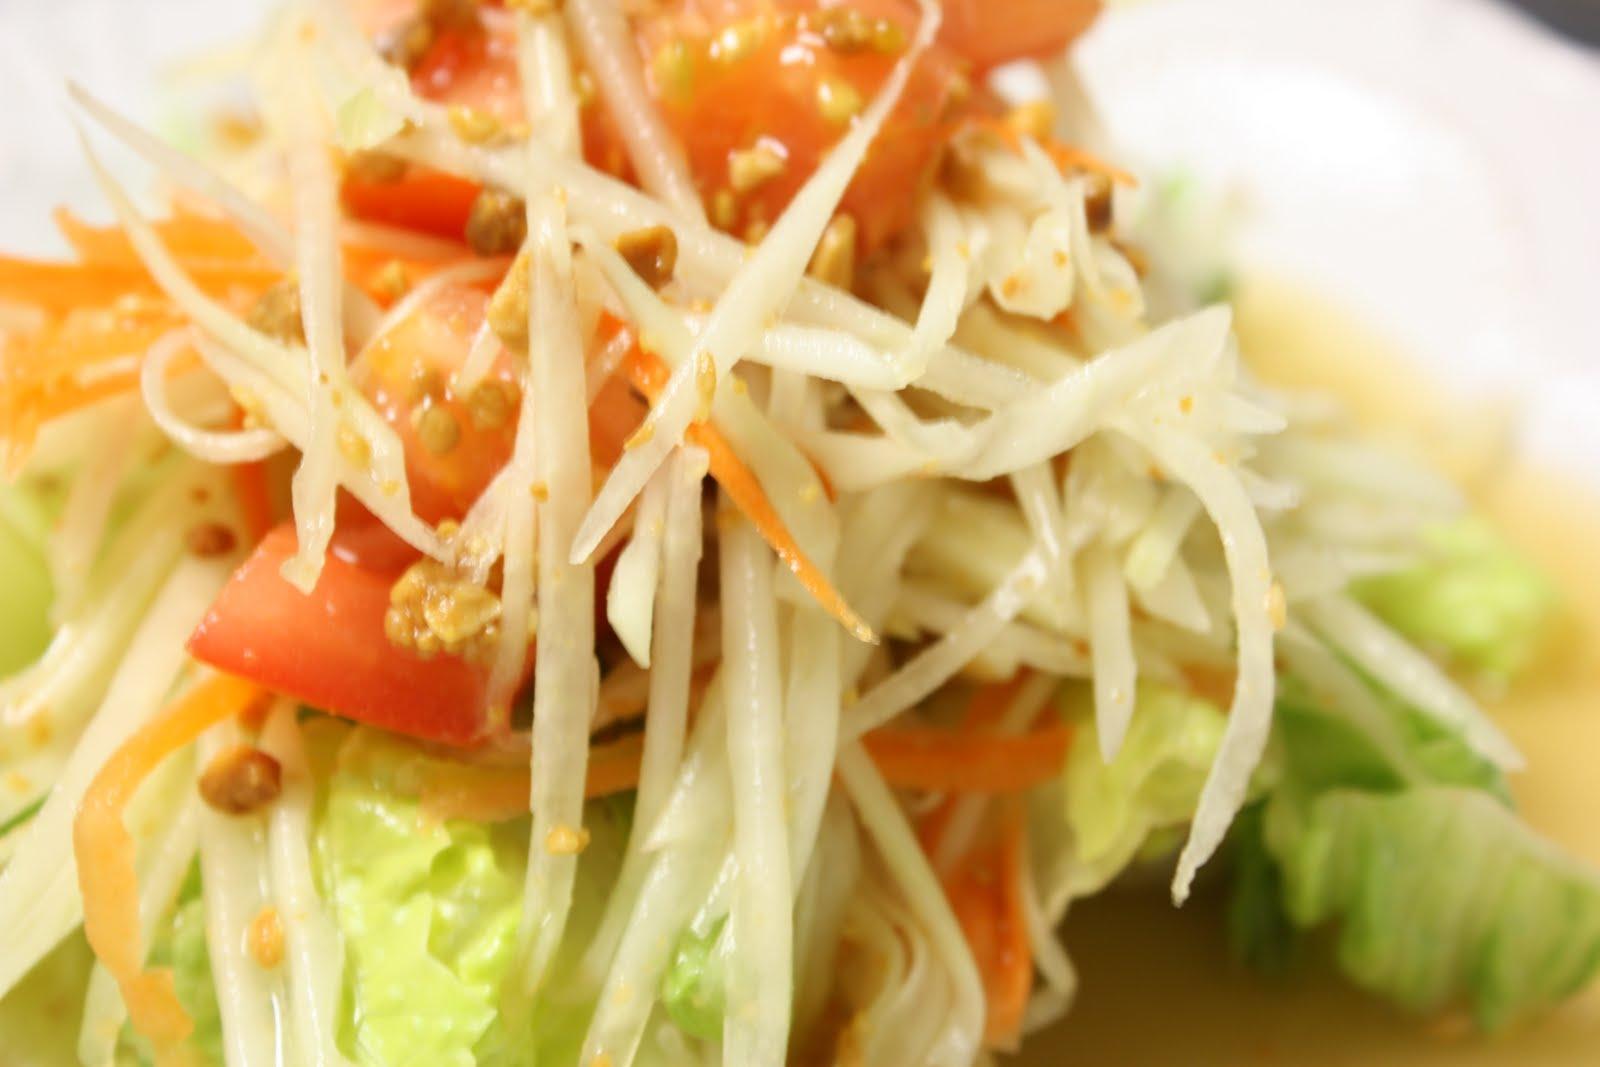 Thai Food In Essex Vt